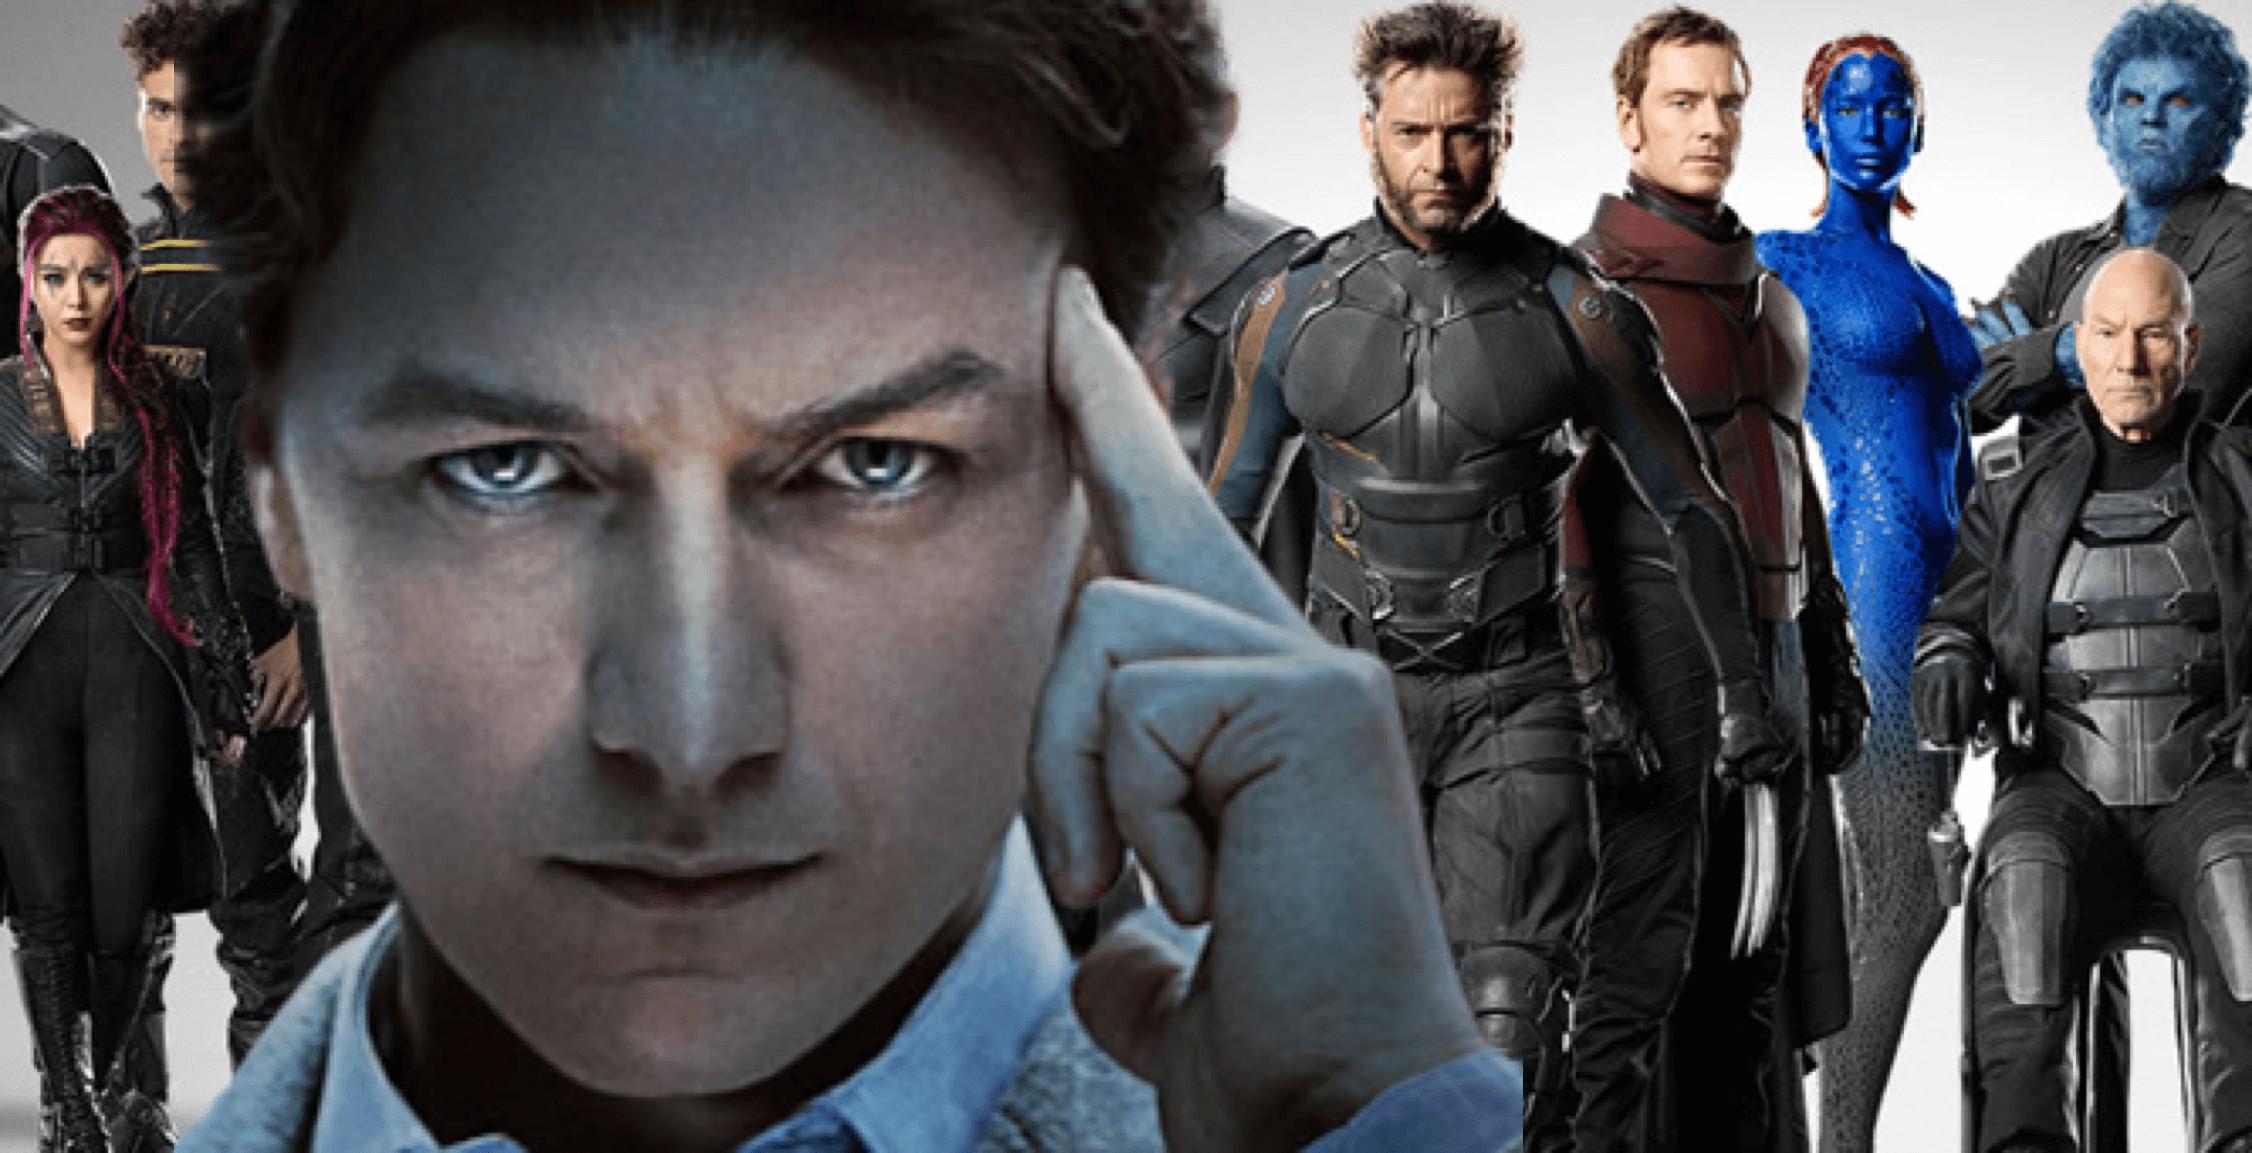 《復仇者聯盟》與《X戰警》合併在即?  X教授正在煩惱變種人與復仇者們共處一室的問題首圖